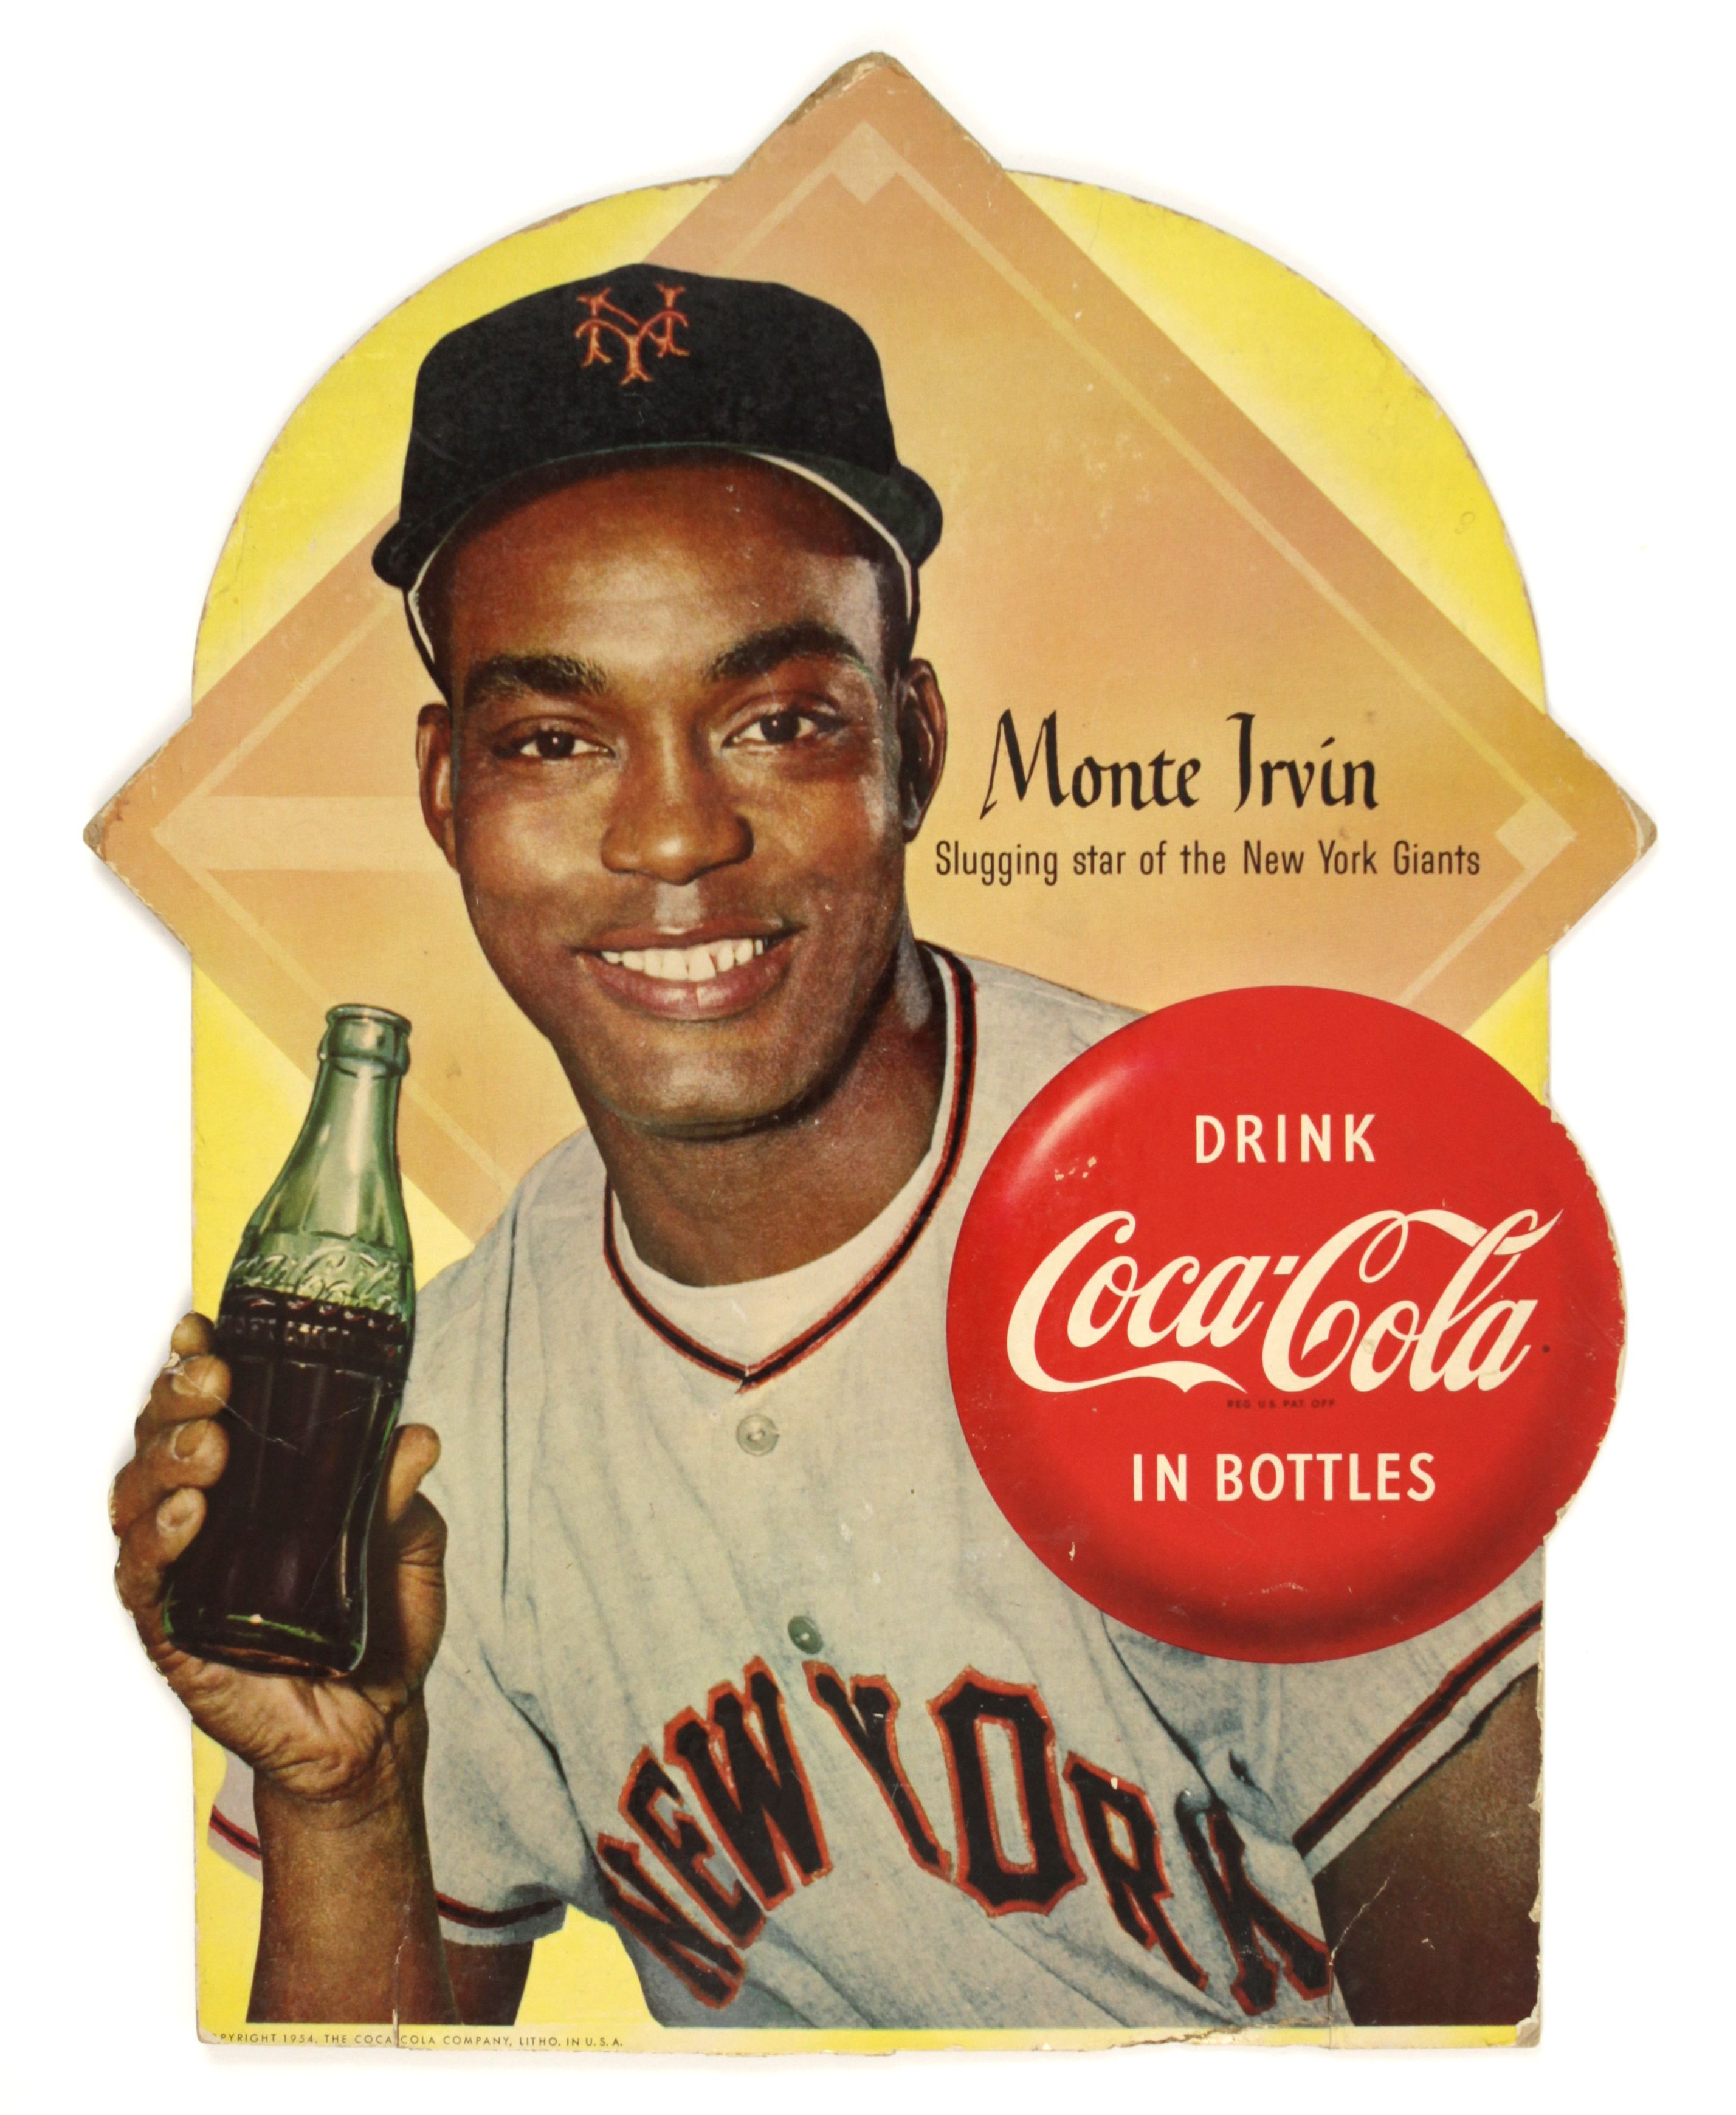 Willie Mays Hits A Coca Cola Home Run The Coca Cola Company